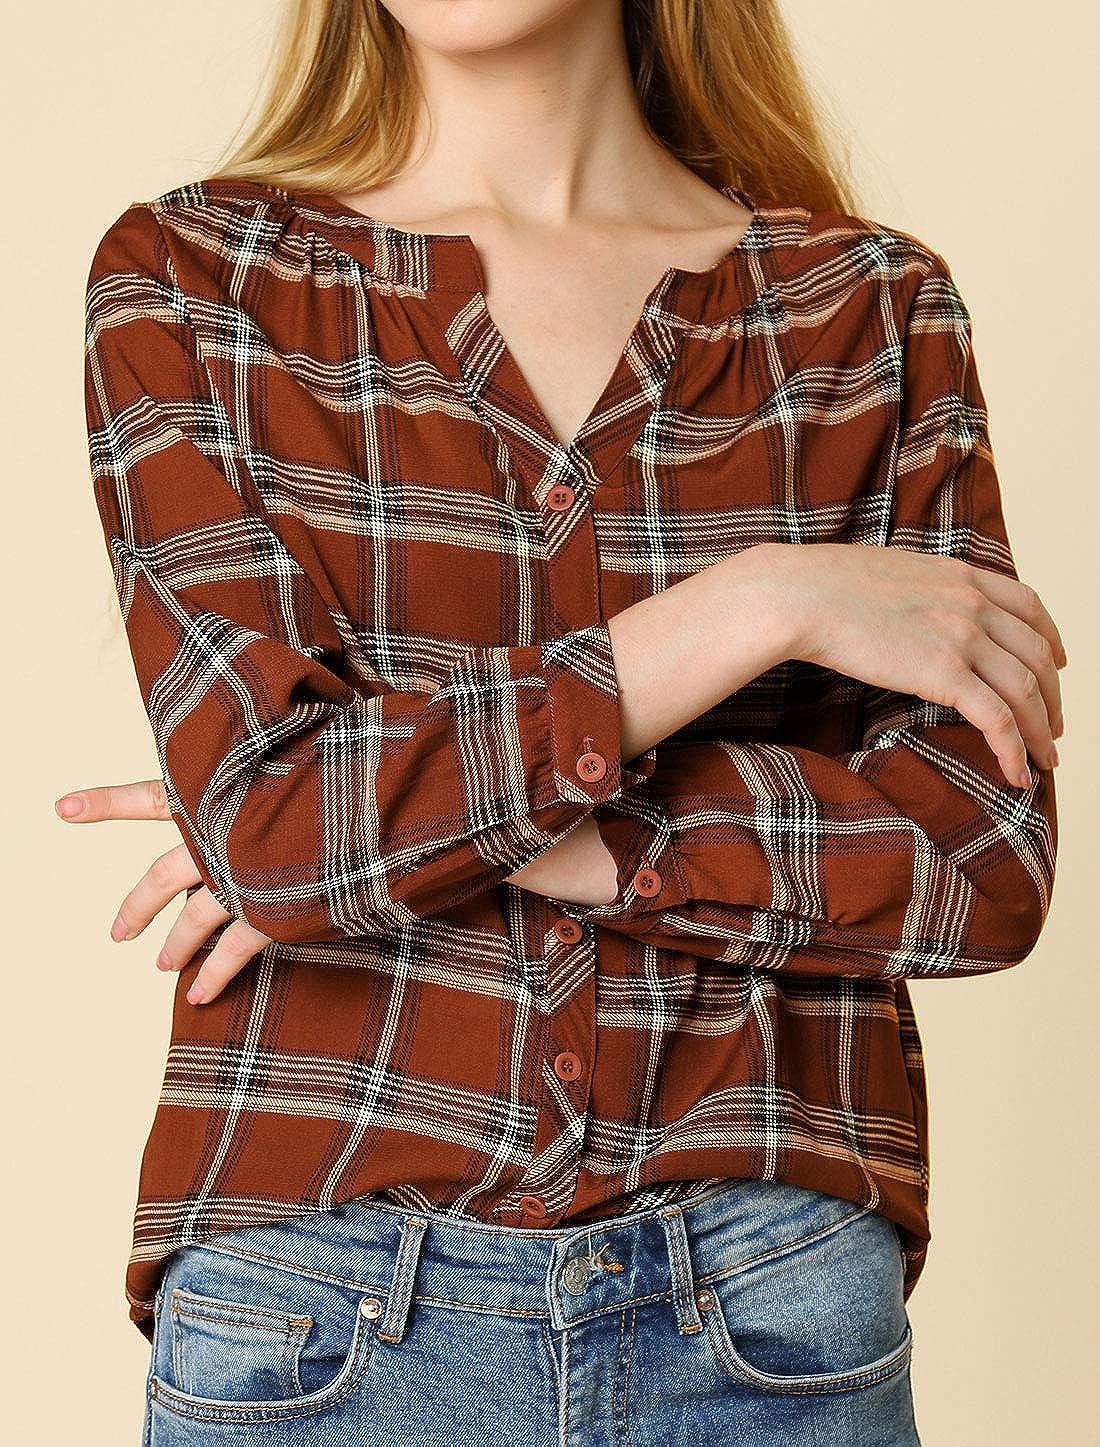 Allegra K Womens Button Up Vintage Shirt Split Neck Plaid Blouse Tops